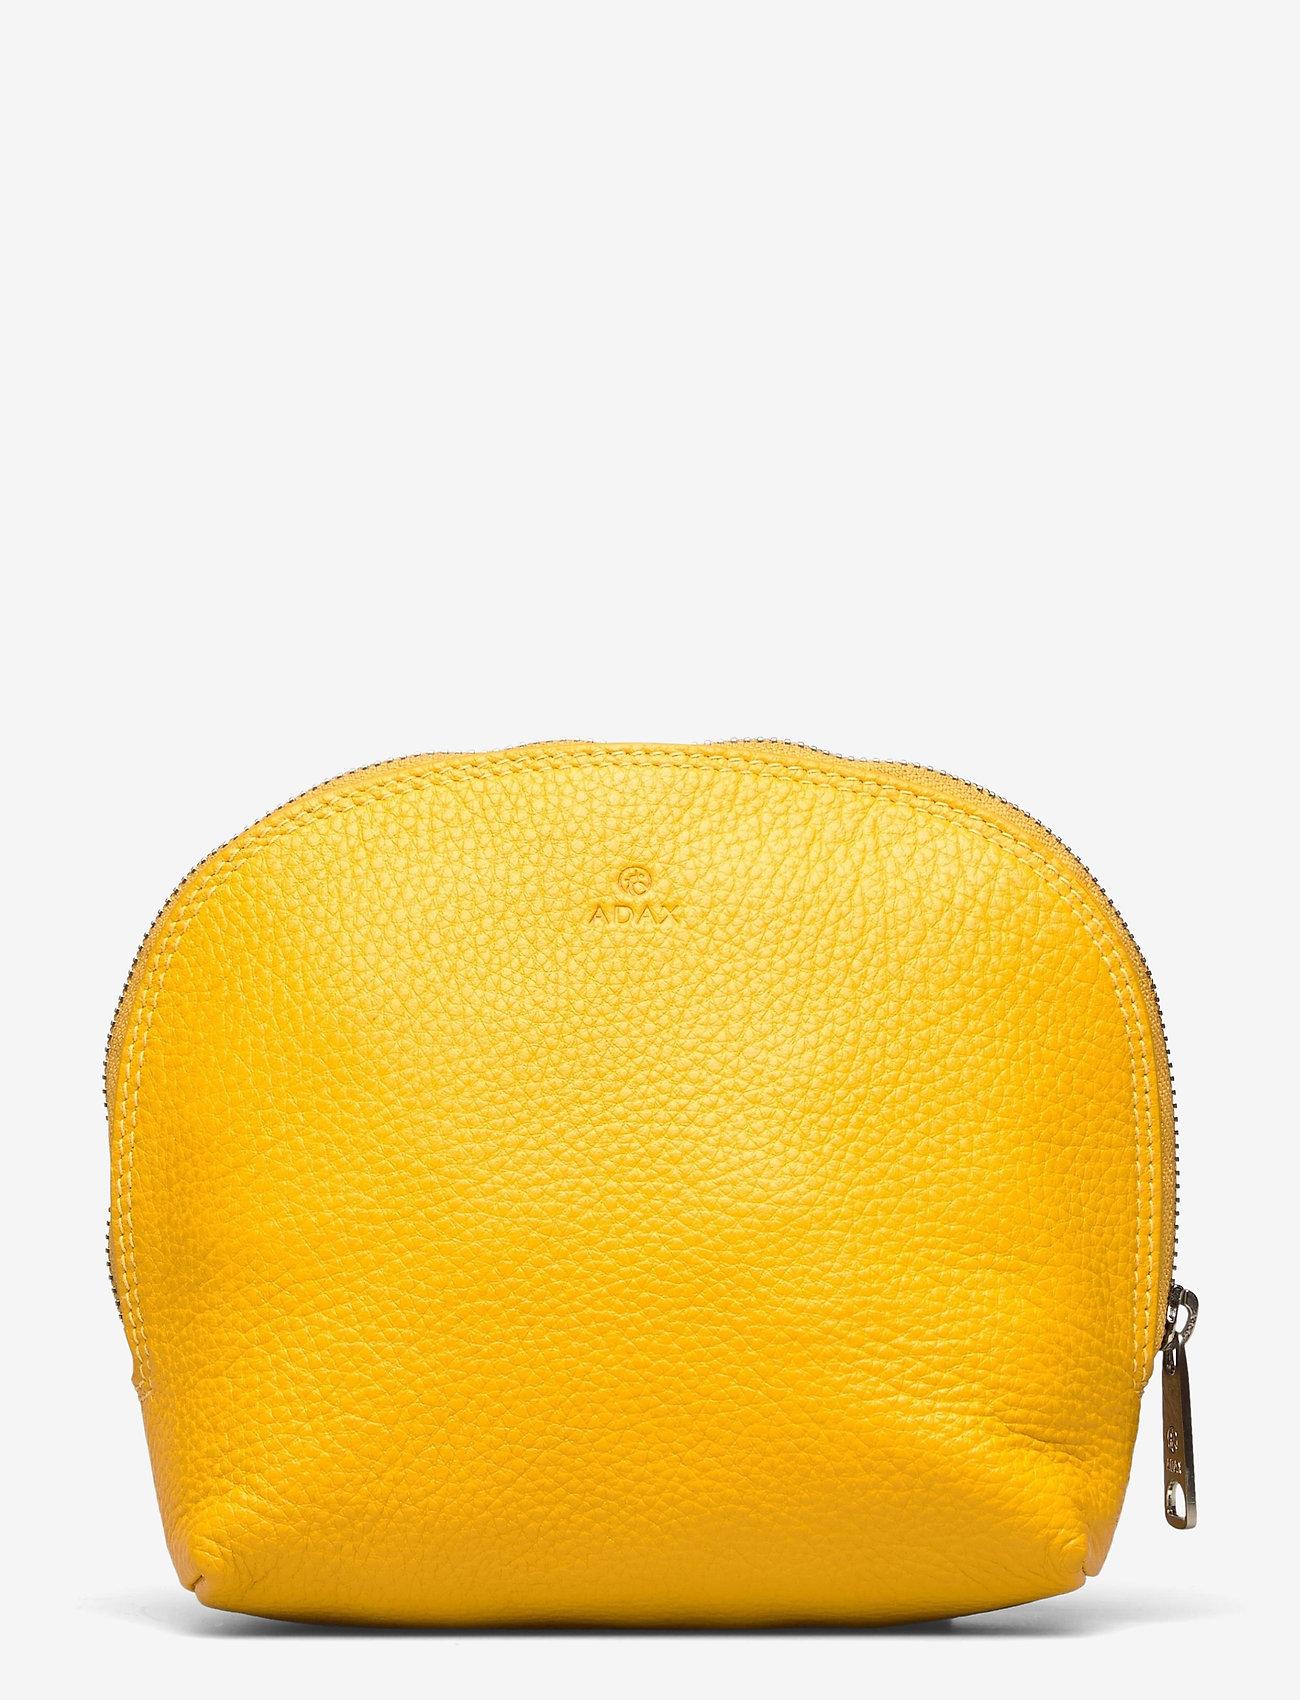 Adax - Cormorano cosmetic purse Lova - trousses de toilette - yellow - 0